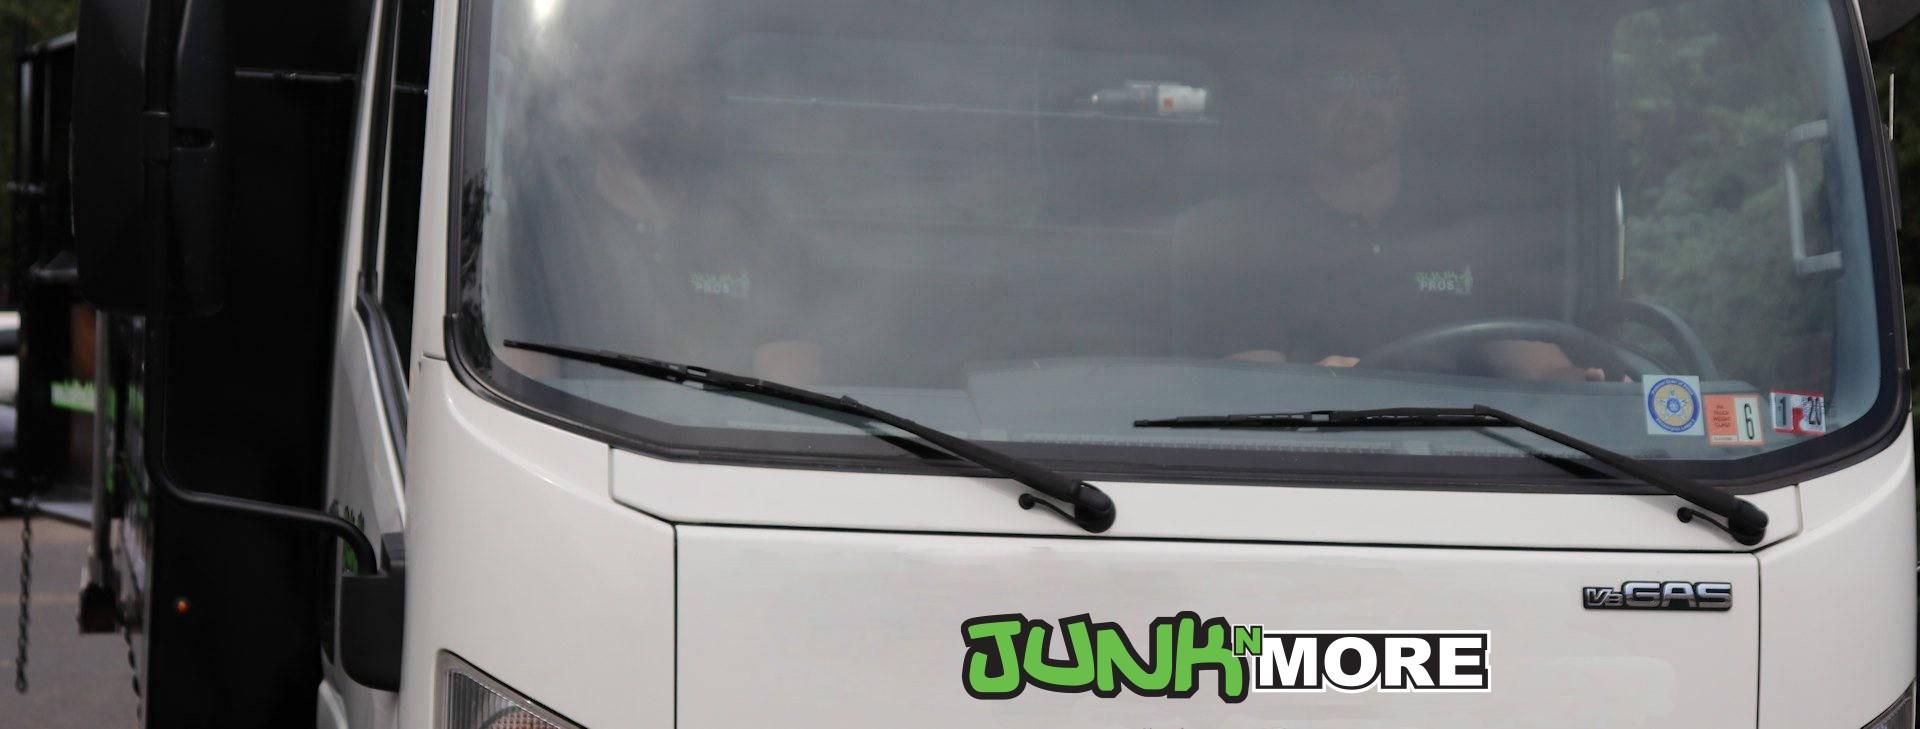 Junk N More Team In Truck